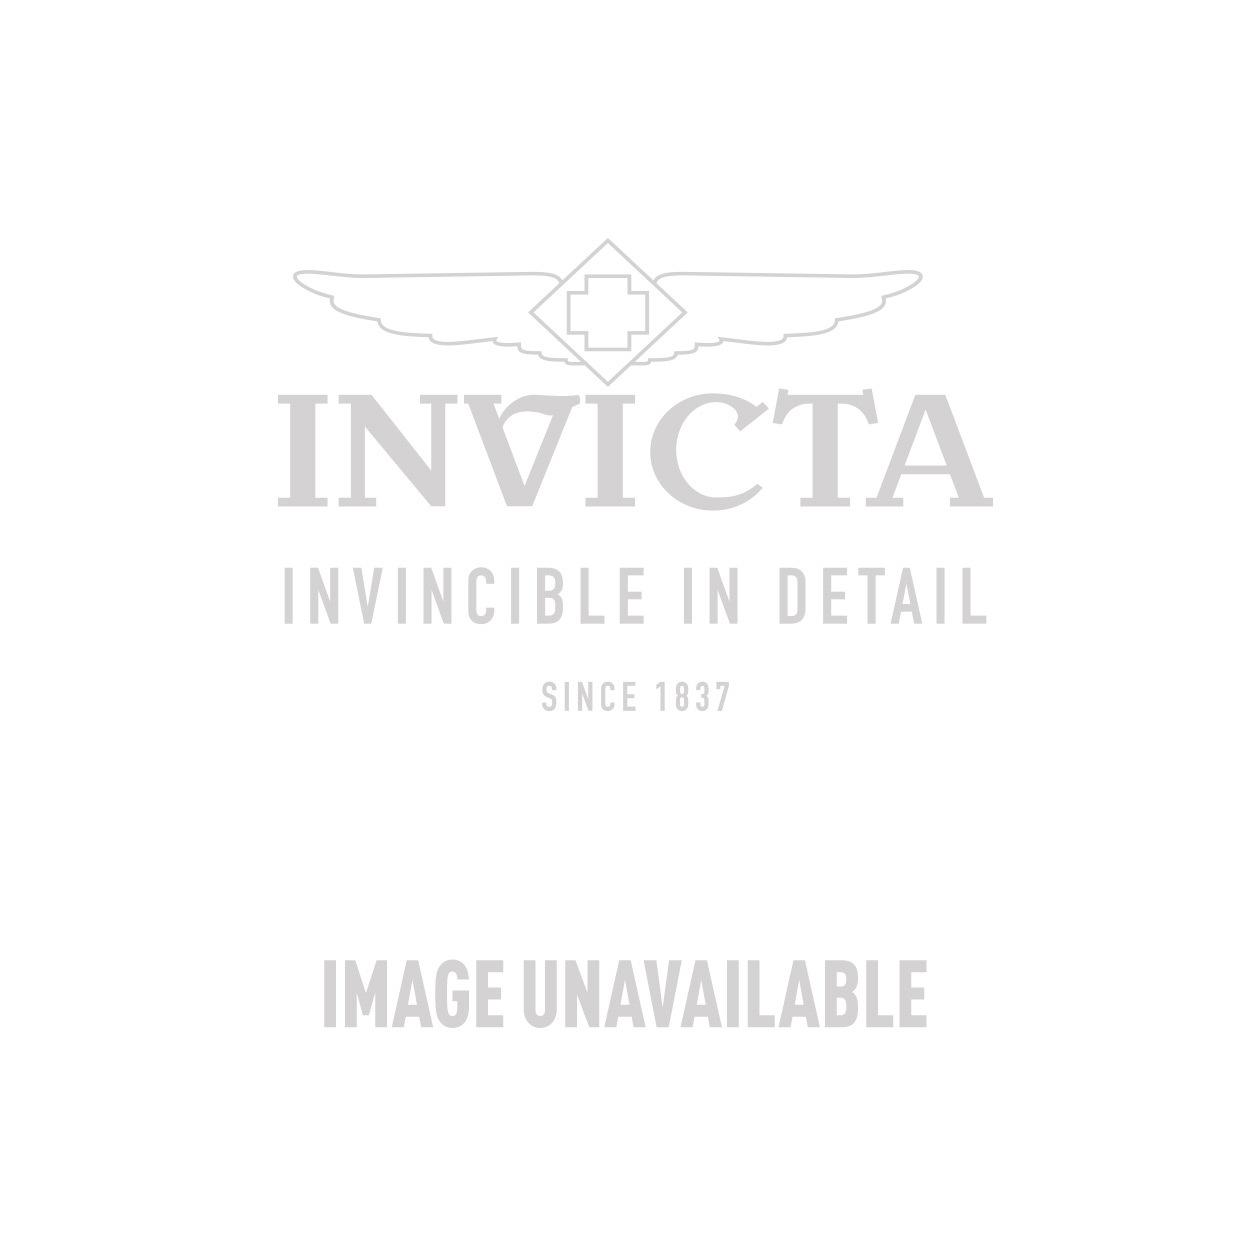 Invicta Model 25585